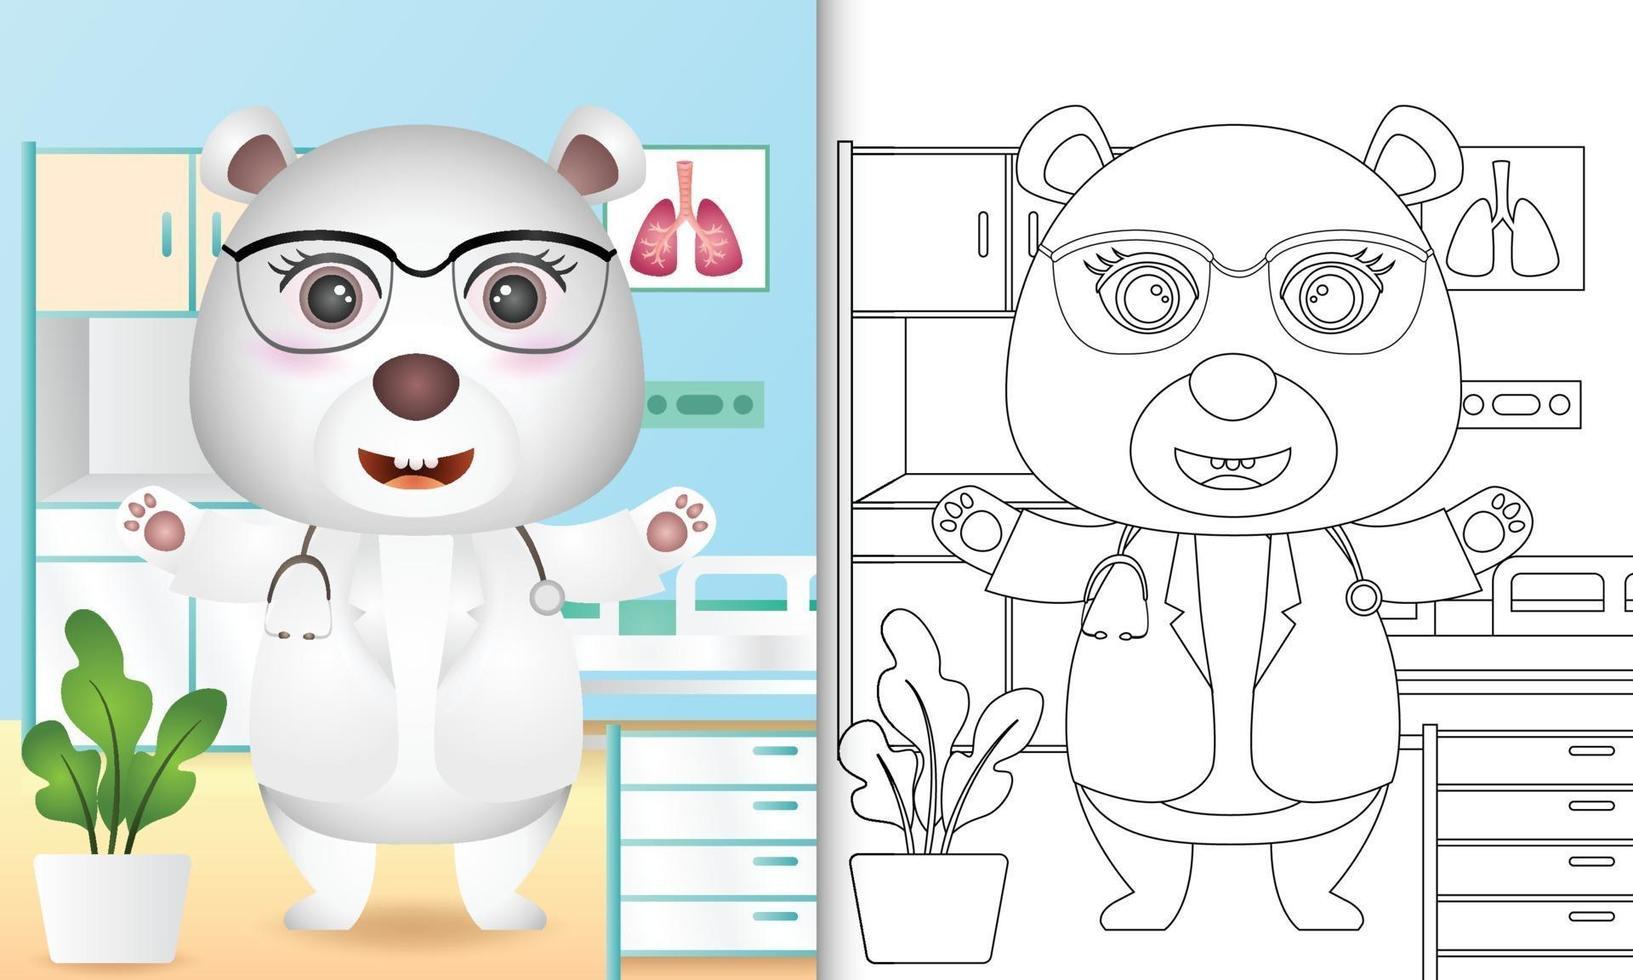 livre de coloriage pour les enfants avec une illustration de personnage mignon médecin ours polaire vecteur